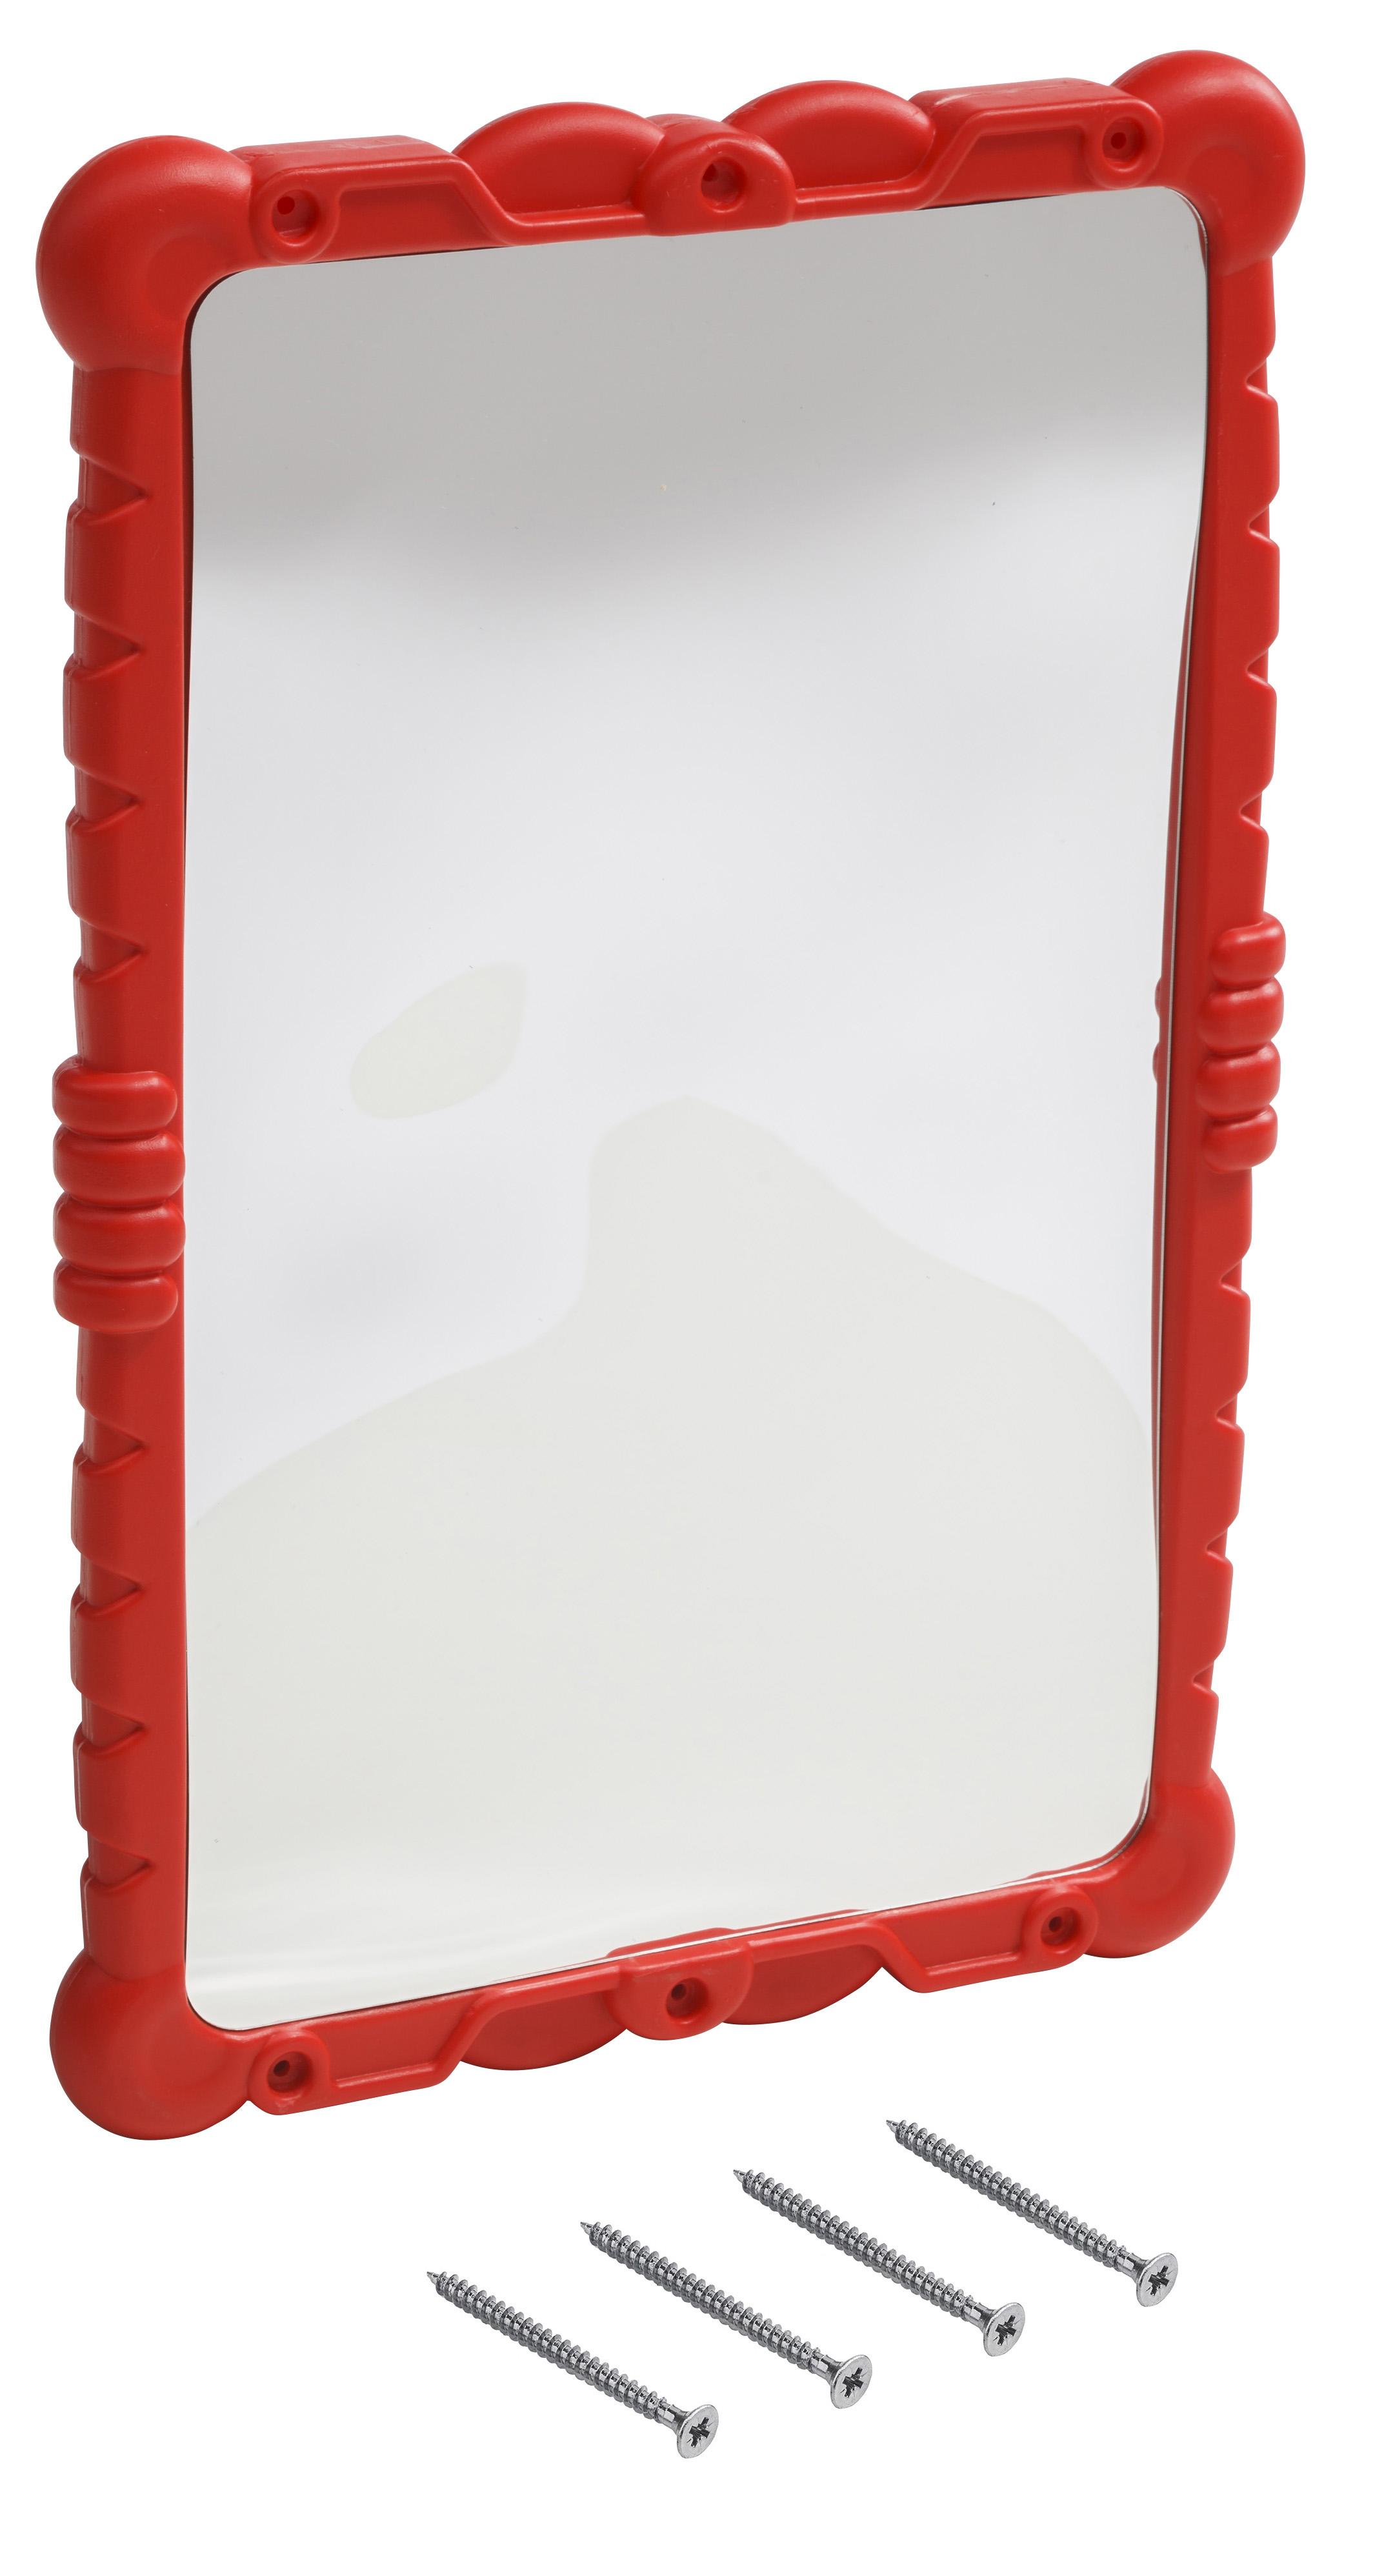 KBT | Lachspiegel / 'Haha' spiegel | Rood